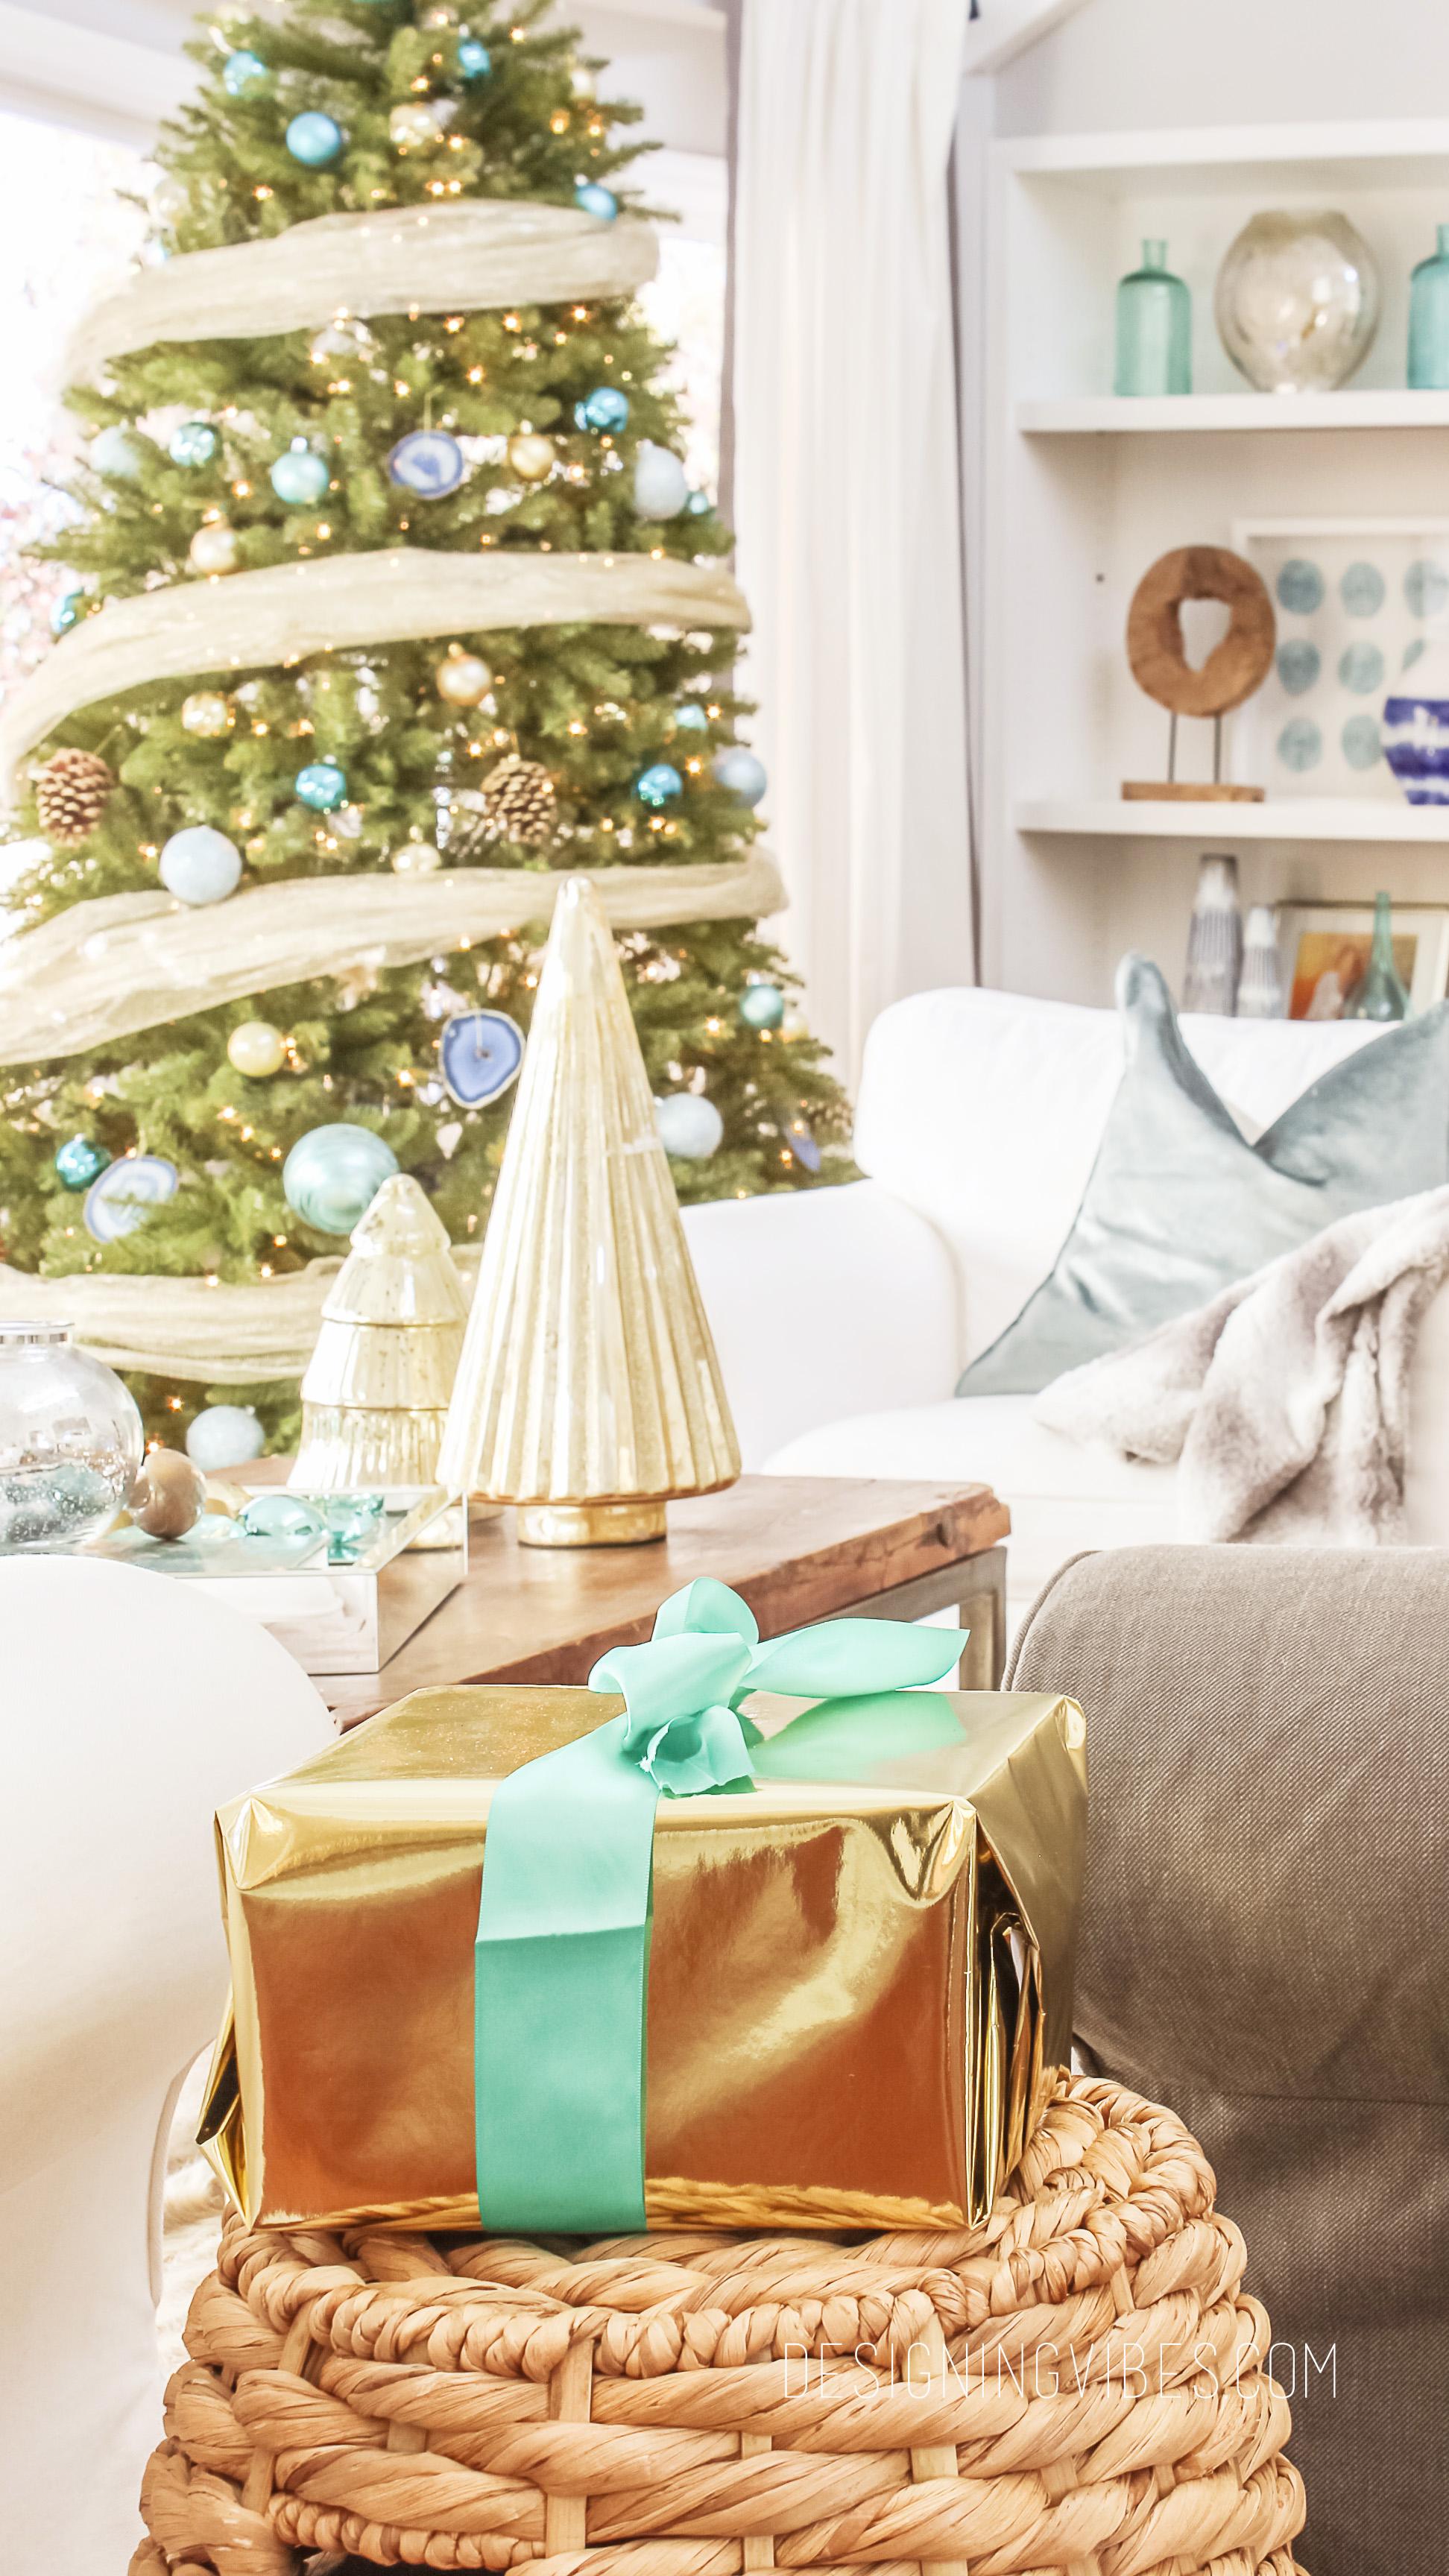 Coastal christmas decor - Coastal Contemporary Christmas Decor